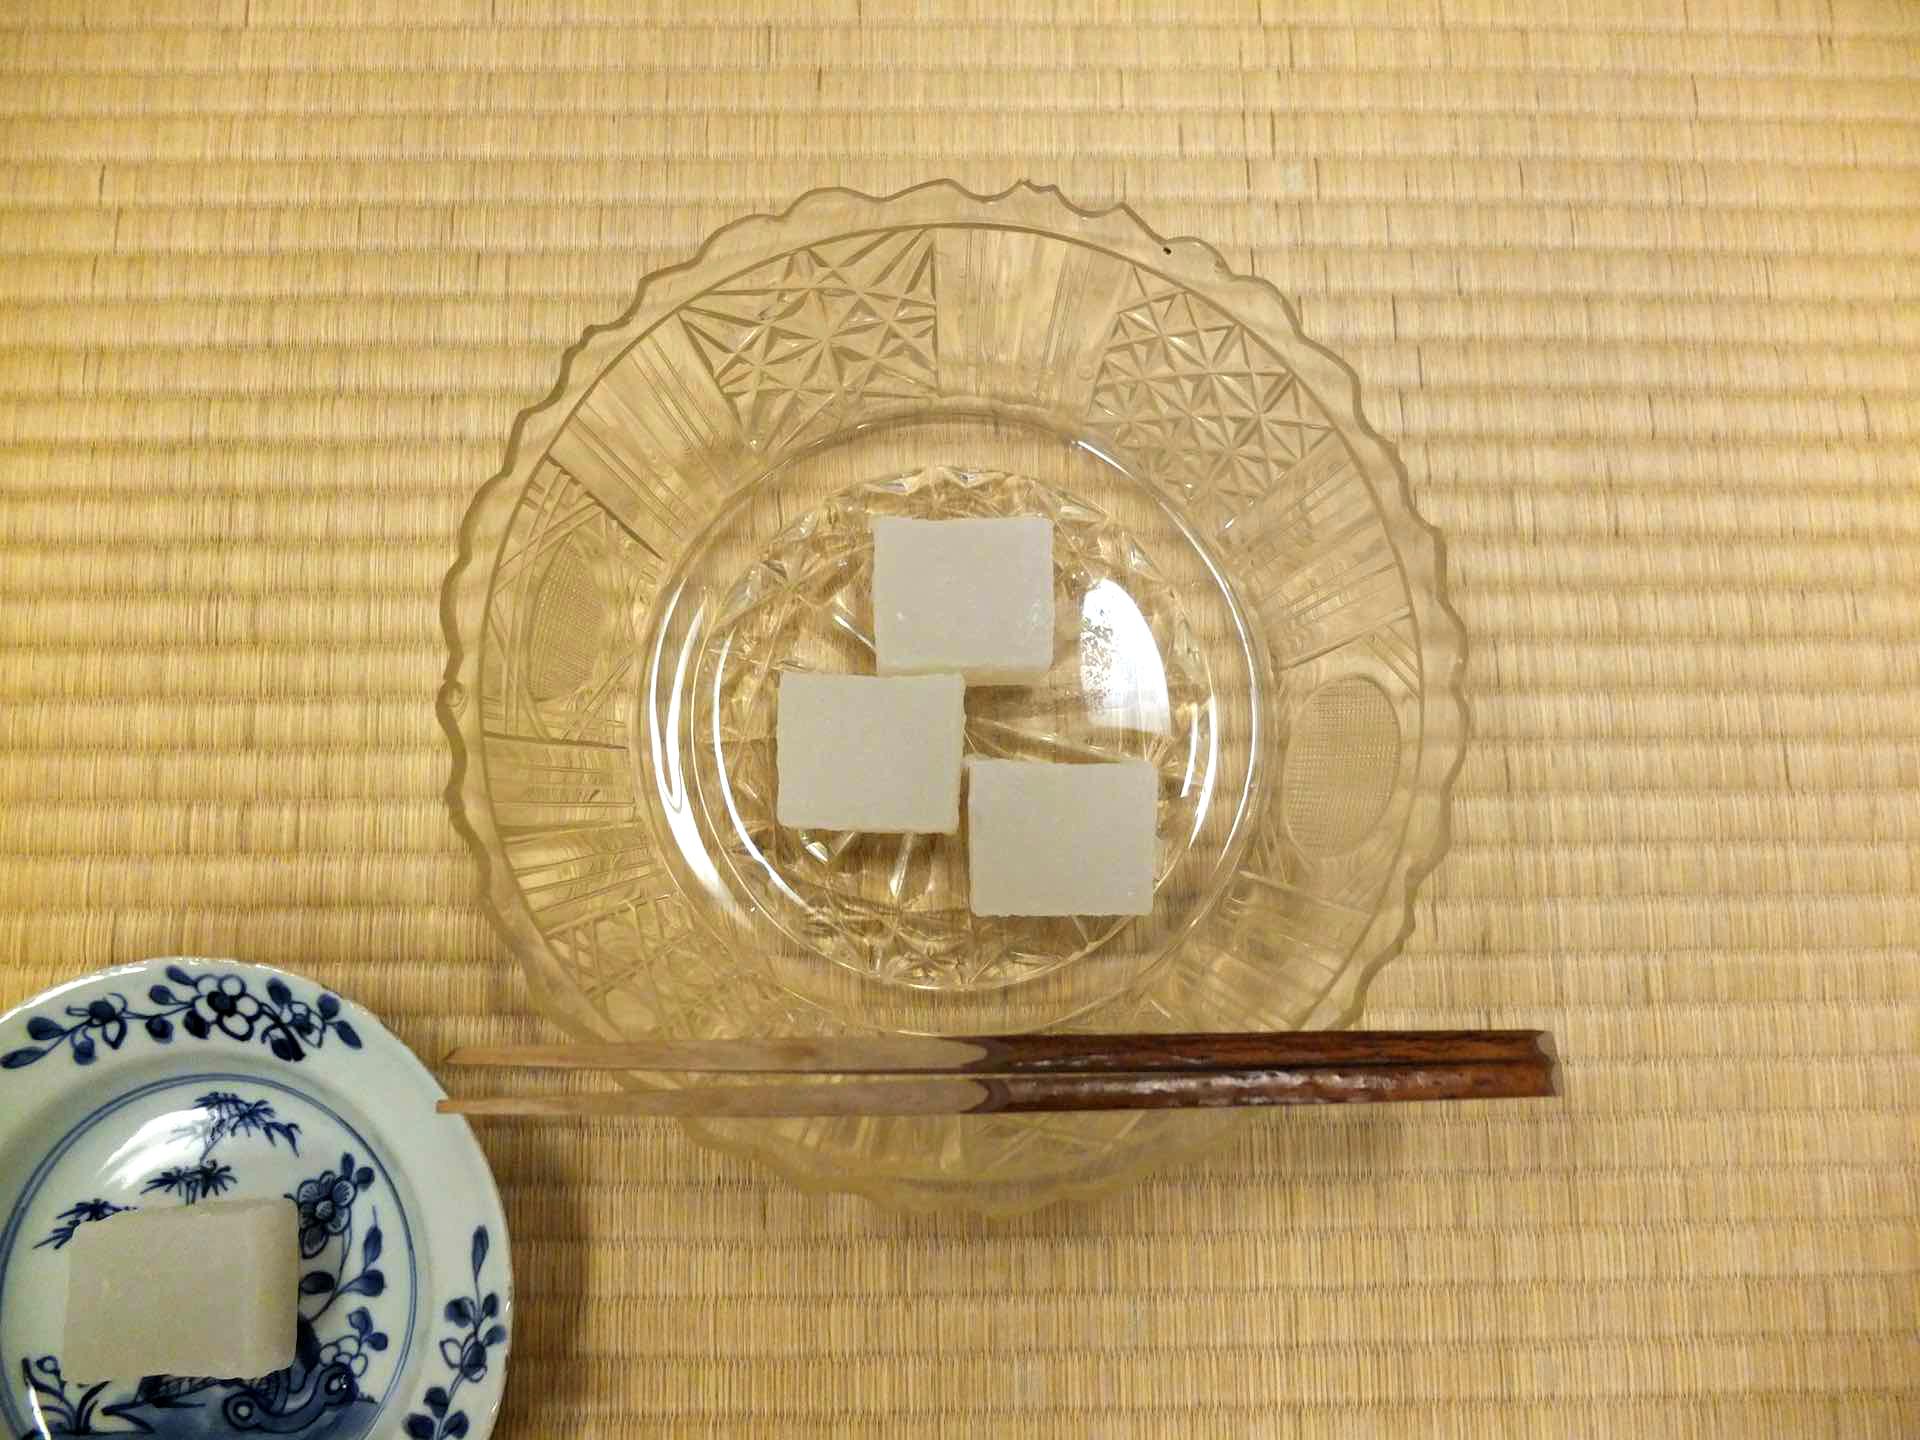 8月の菓子鉢は涼しげな江戸切子の器。江戸時代に作られたものだそうです